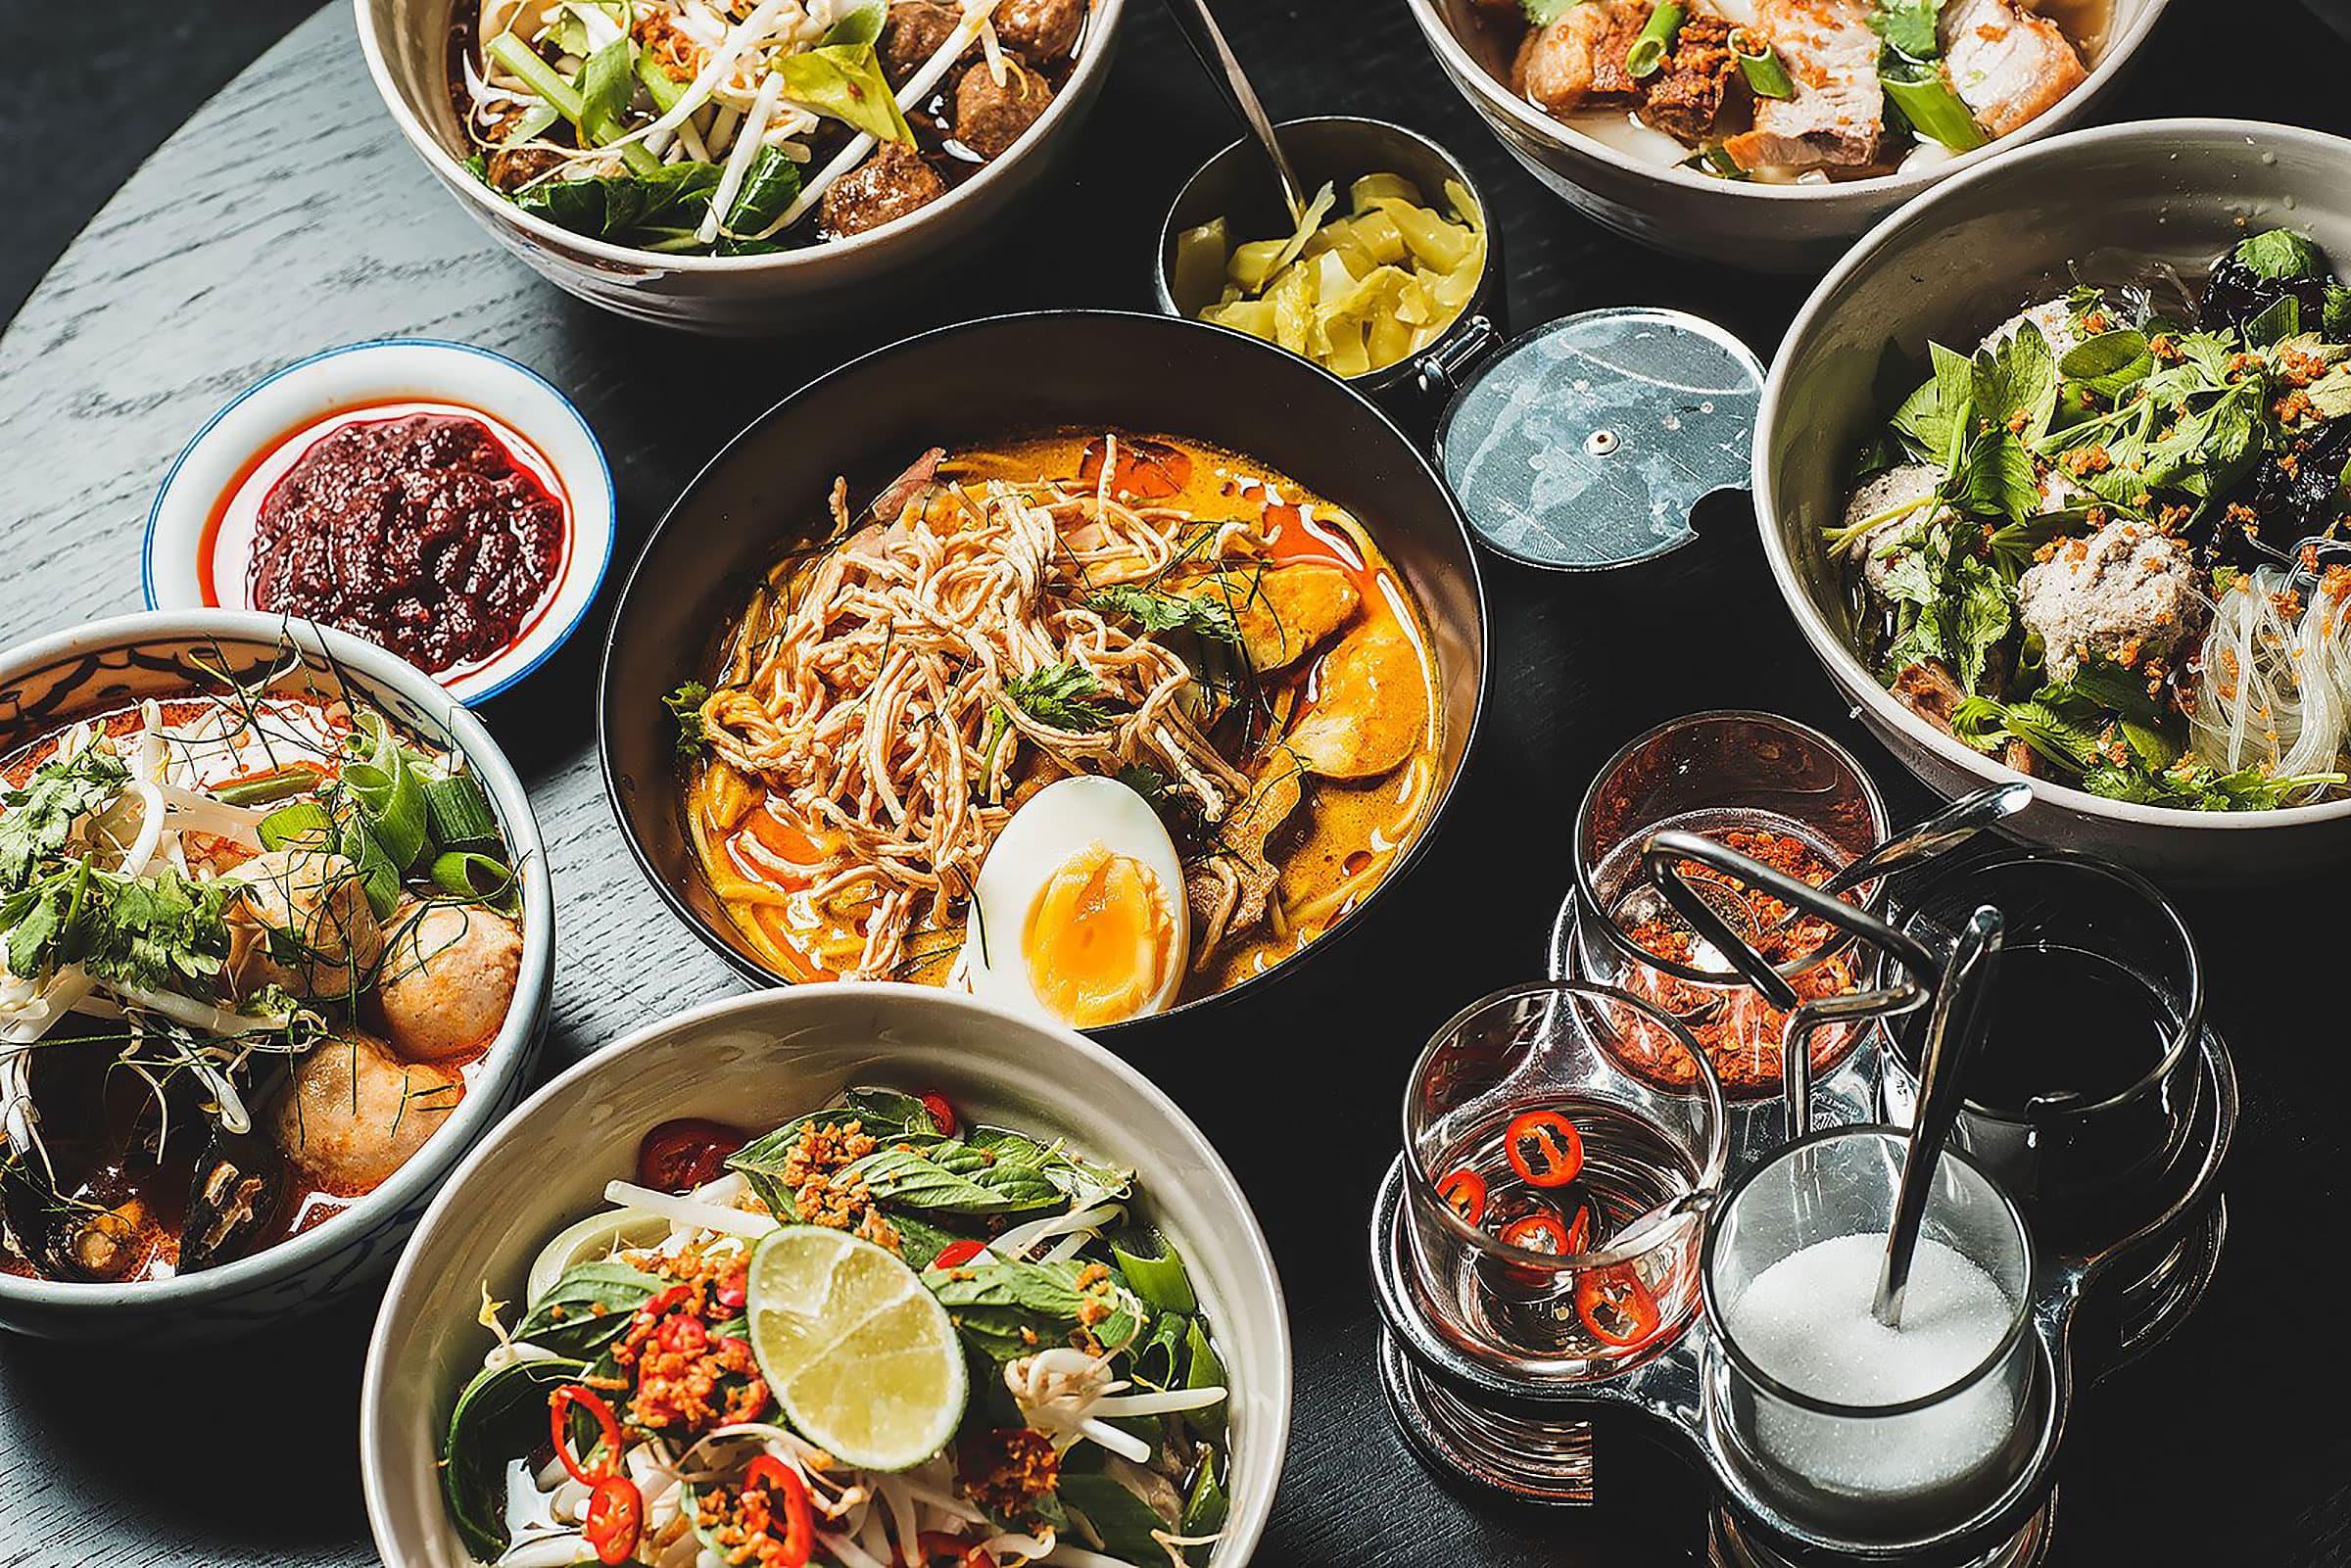 koreansk mat uppsala